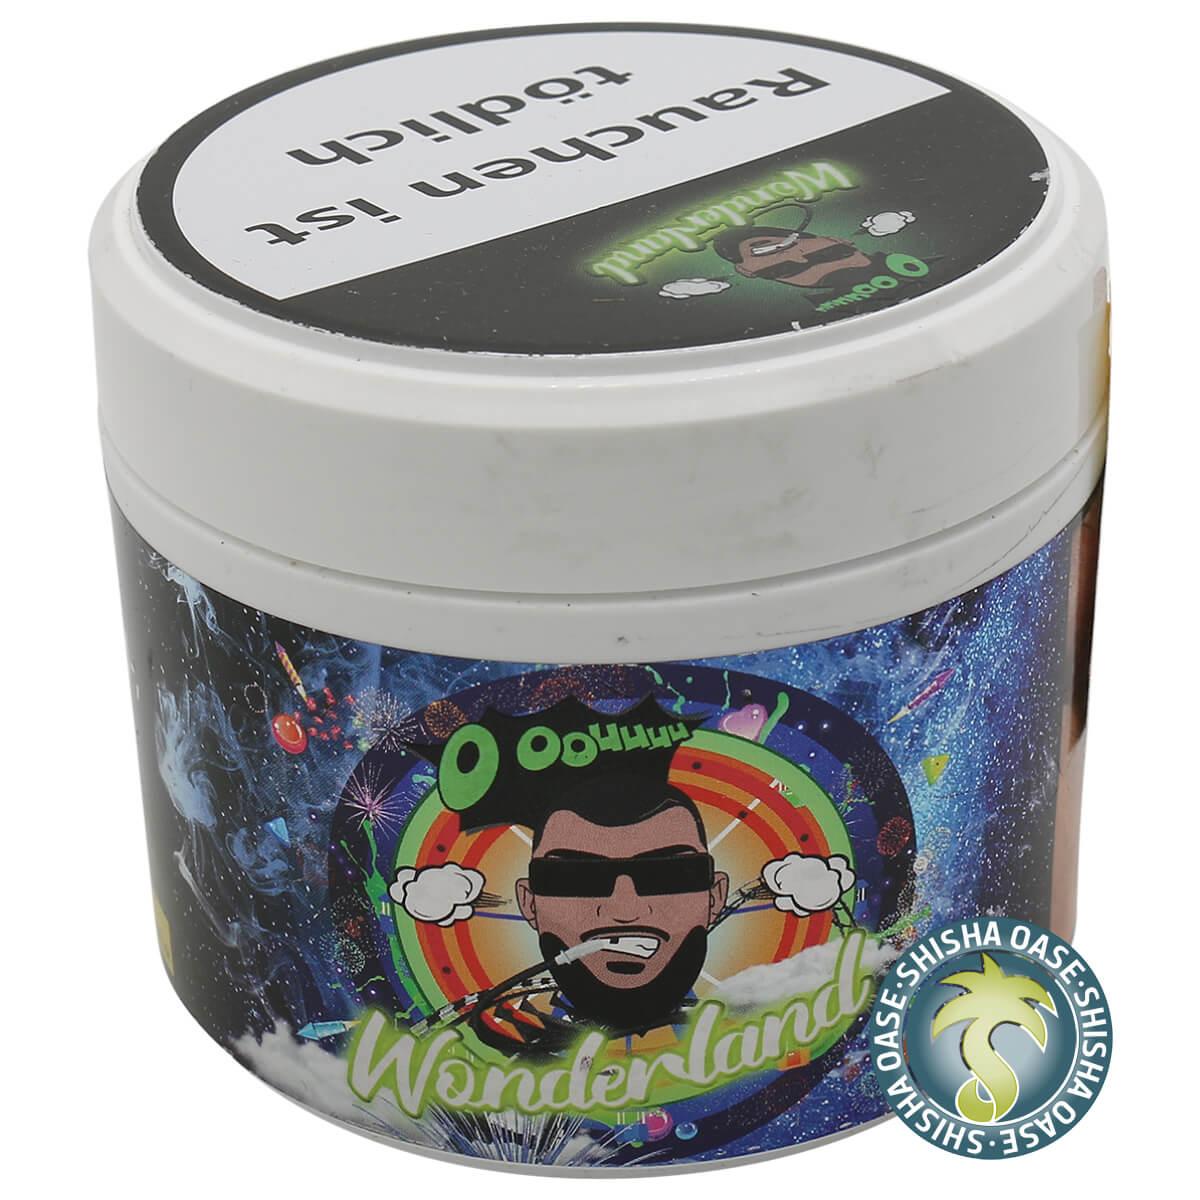 OOOUUUU Gringo Smoke Tabak Wonderland 200g